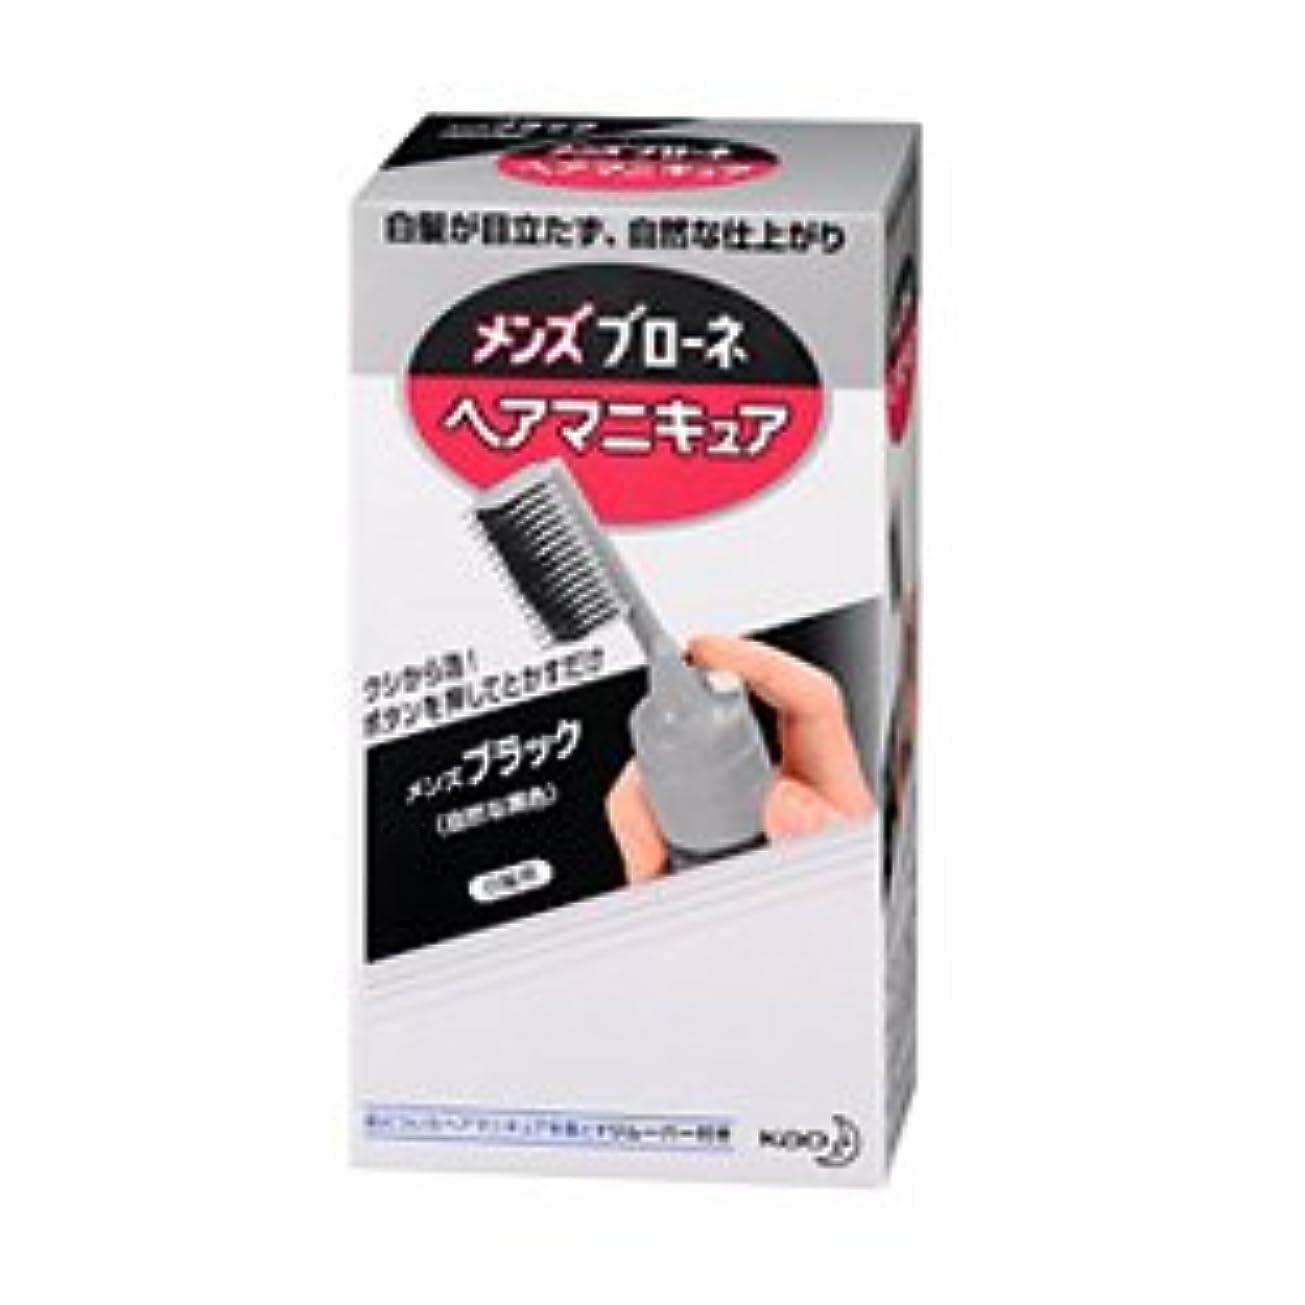 軽蔑する前売すごい【花王】メンズブローネ ヘアマニキュア白髪用 メンズブラック ×5個セット